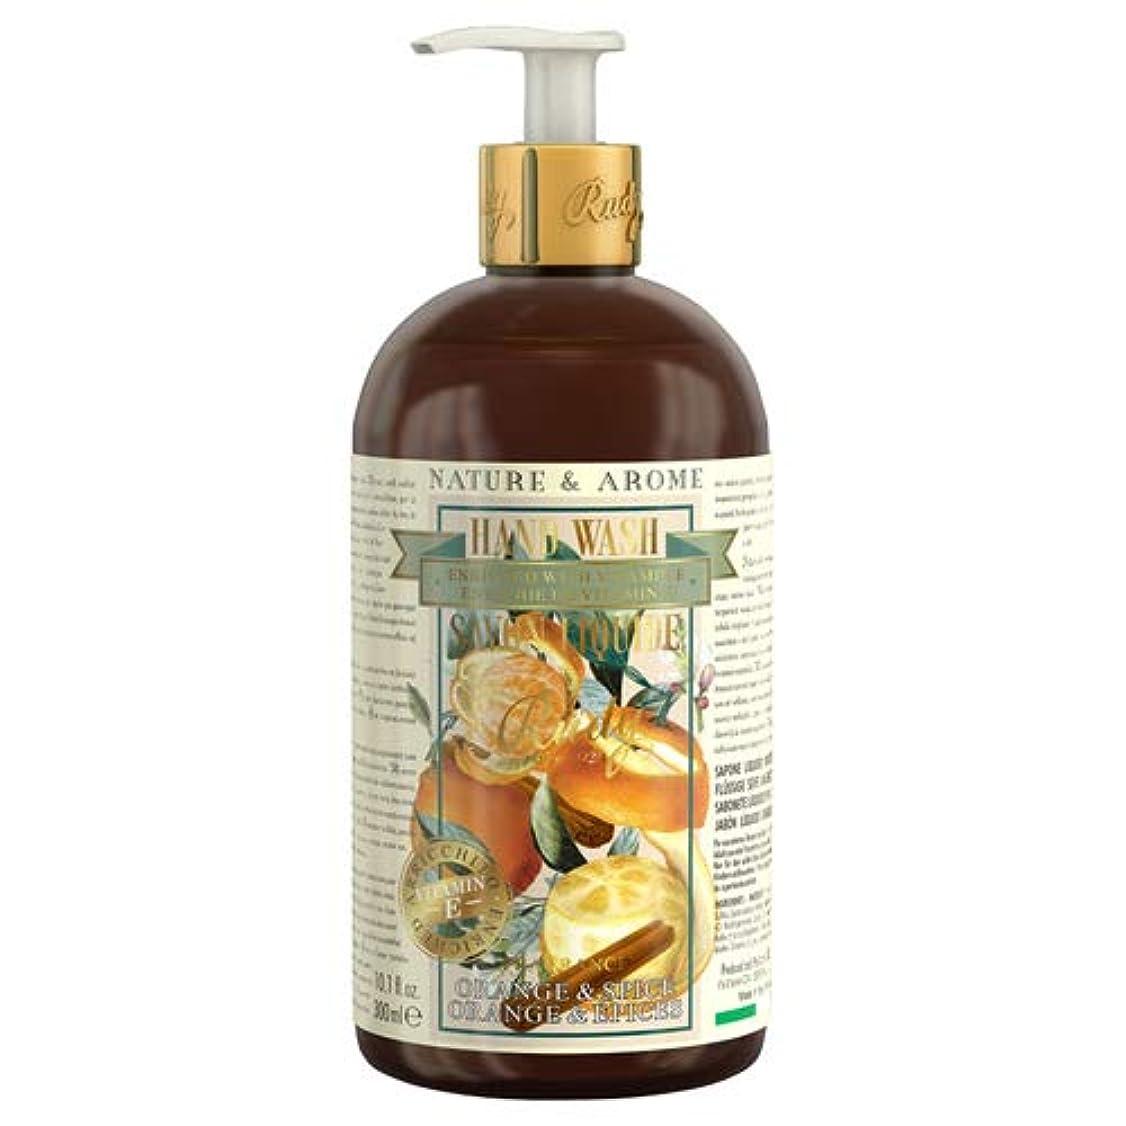 プレゼン剪断タンカーRUDY Nature&Arome Apothecary ネイチャーアロマ アポセカリー Hand Wash ハンドウォッシュ(ボディソープ) Orange & Spice オレンジ&スパイス